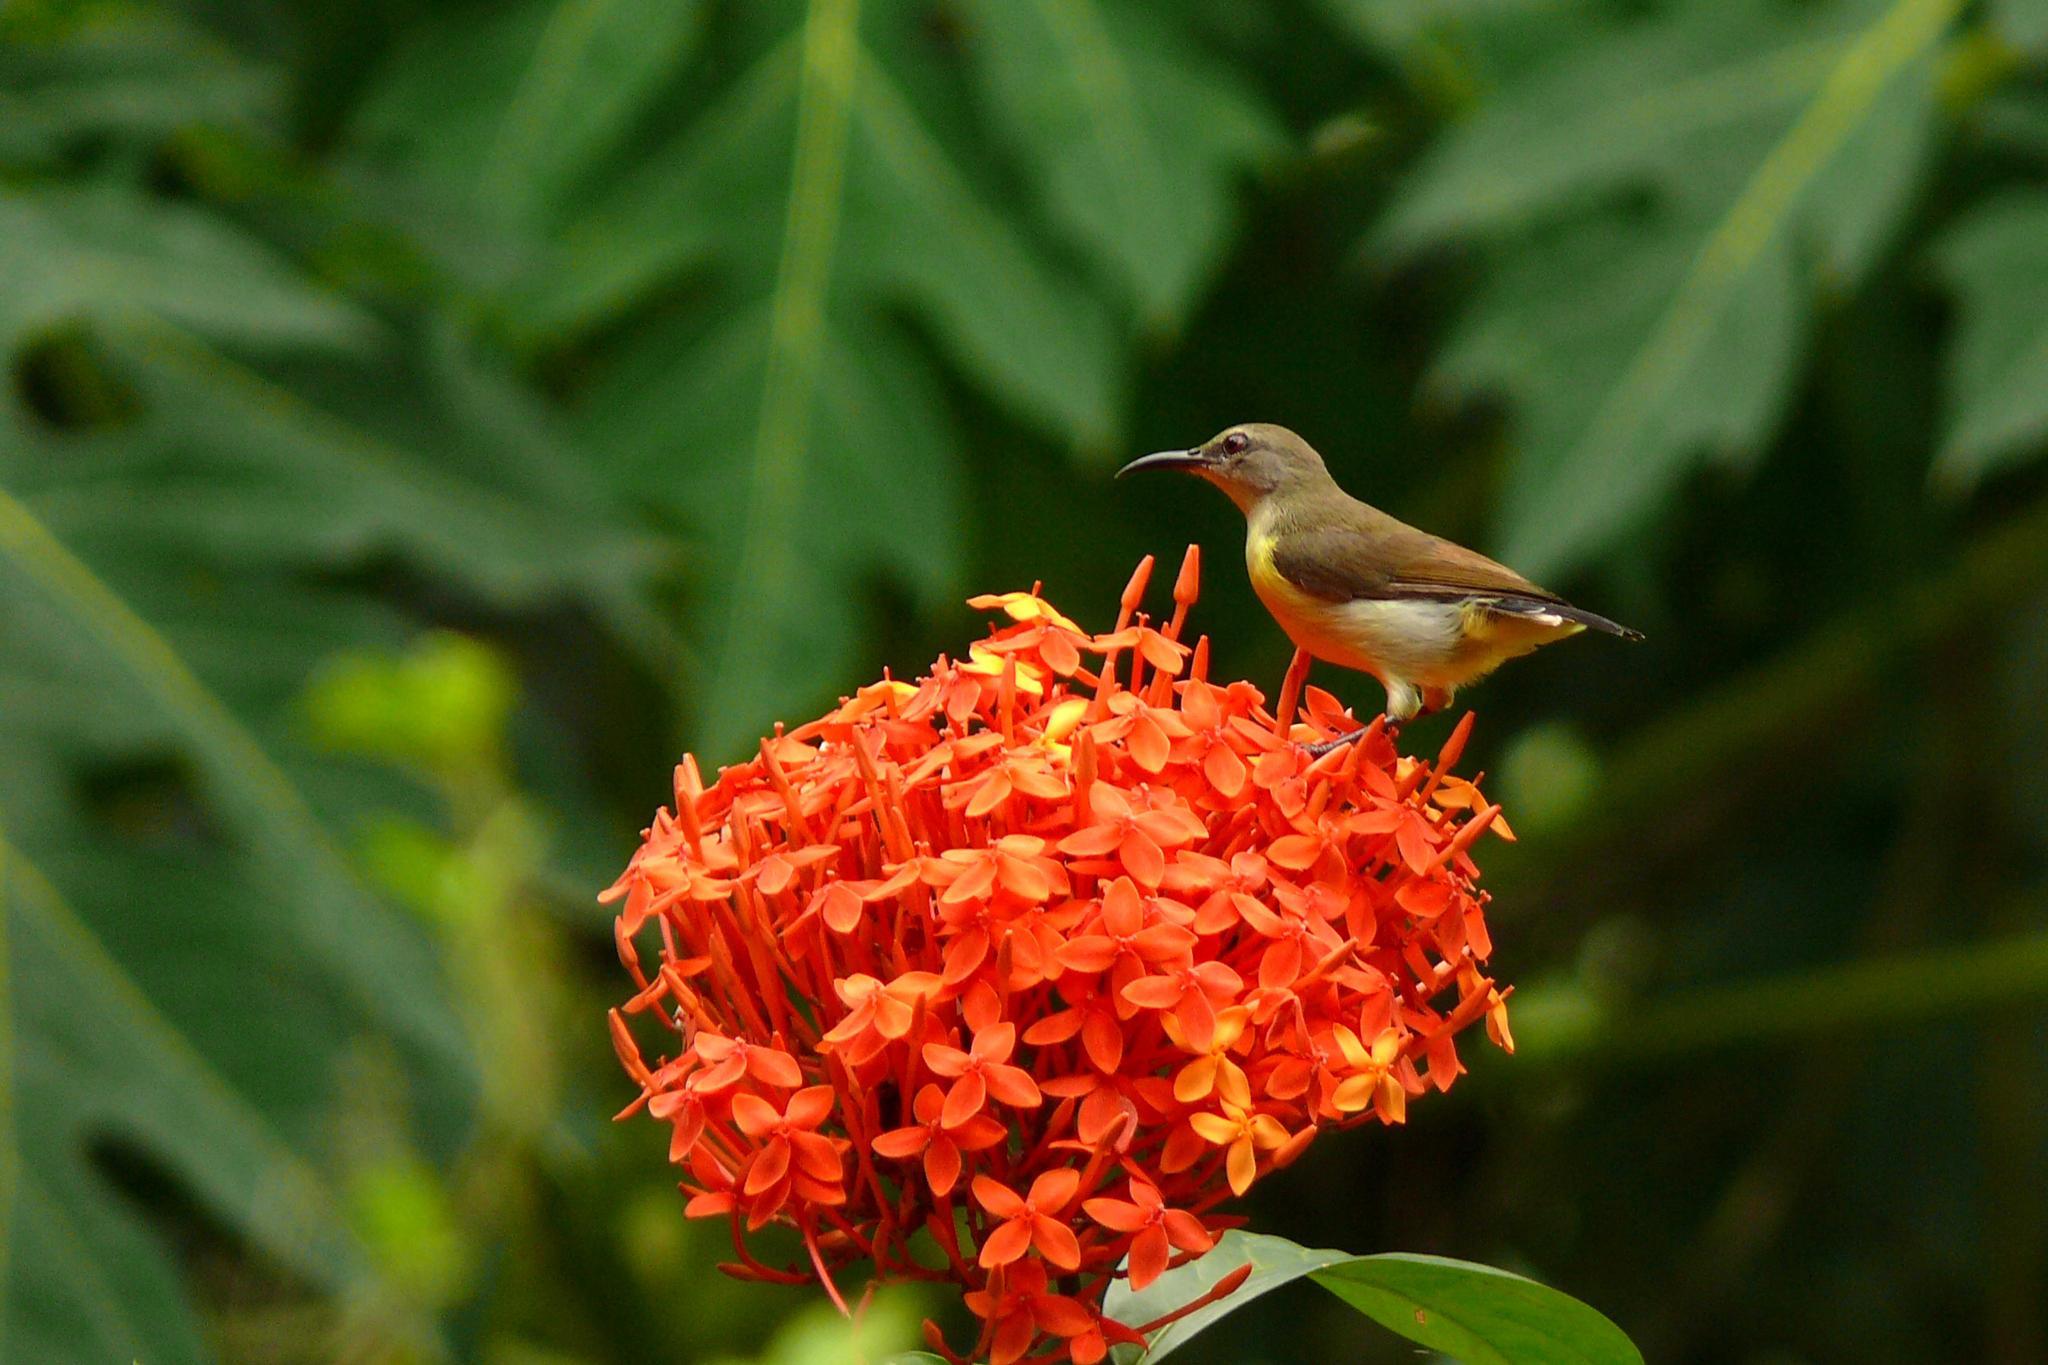 Sun bird by Pradeep Krishnan